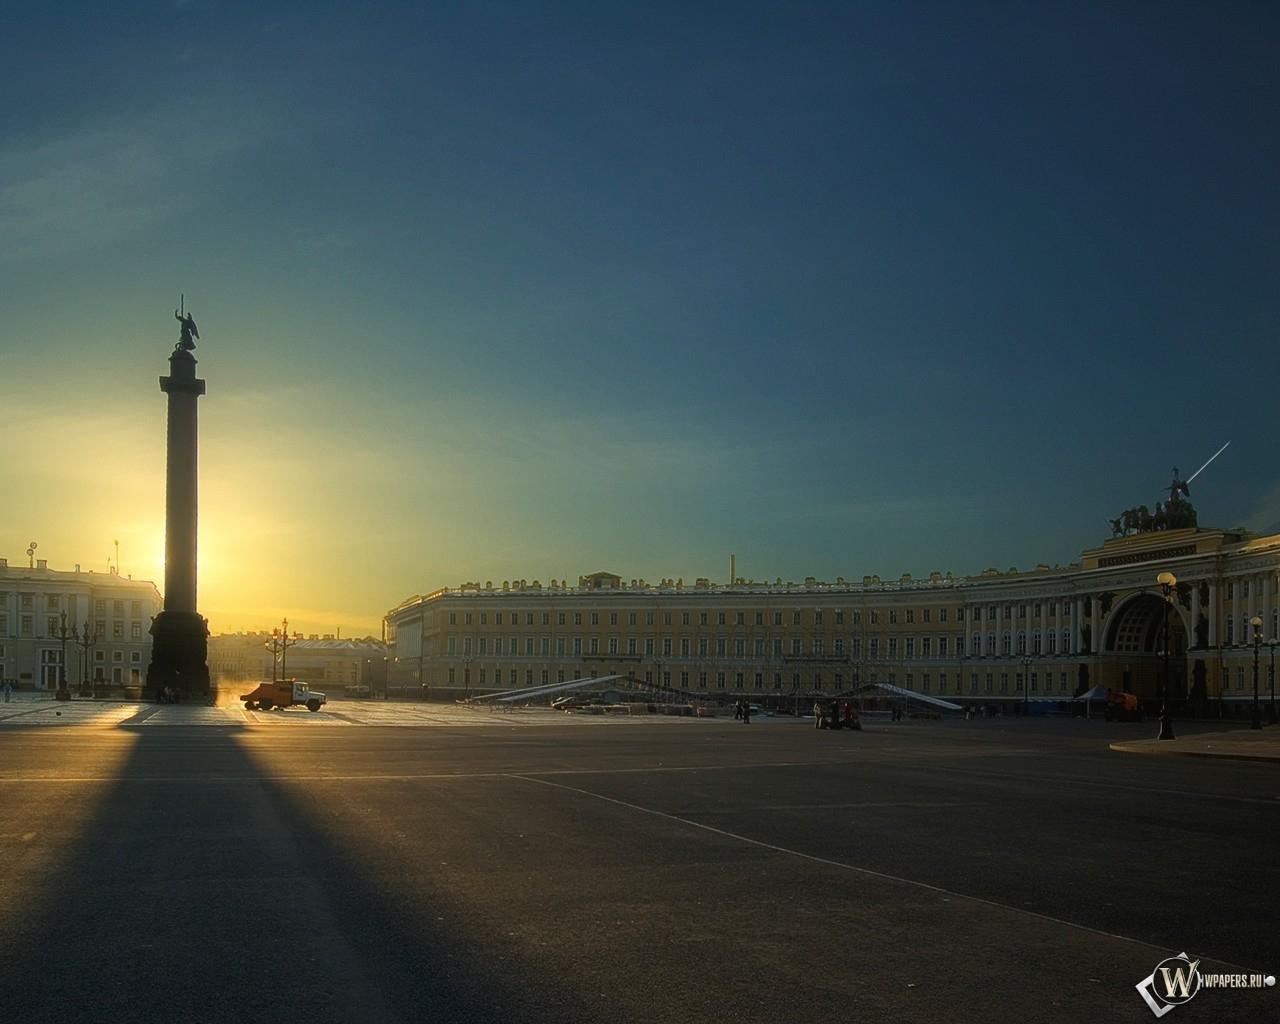 Санкт-петербург дворцовая площадь 1280x1024